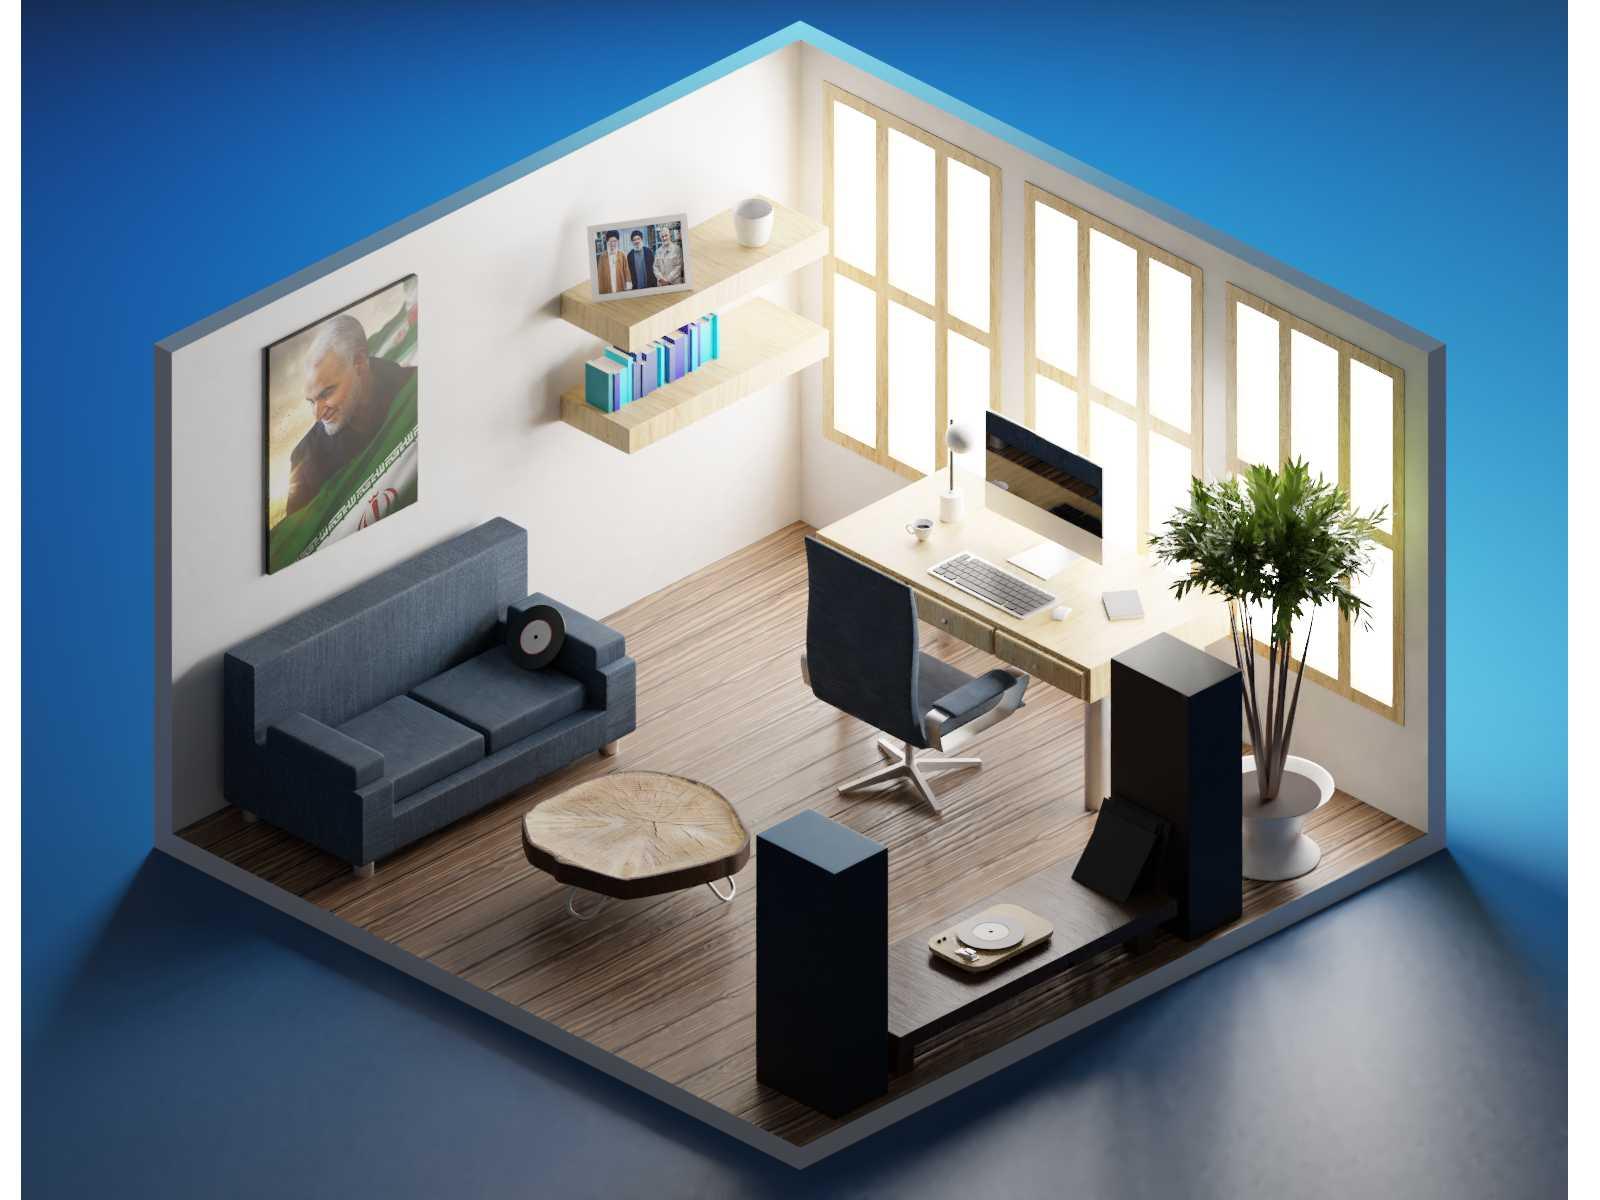 مدل سه بعدی اتاق + تکسچر